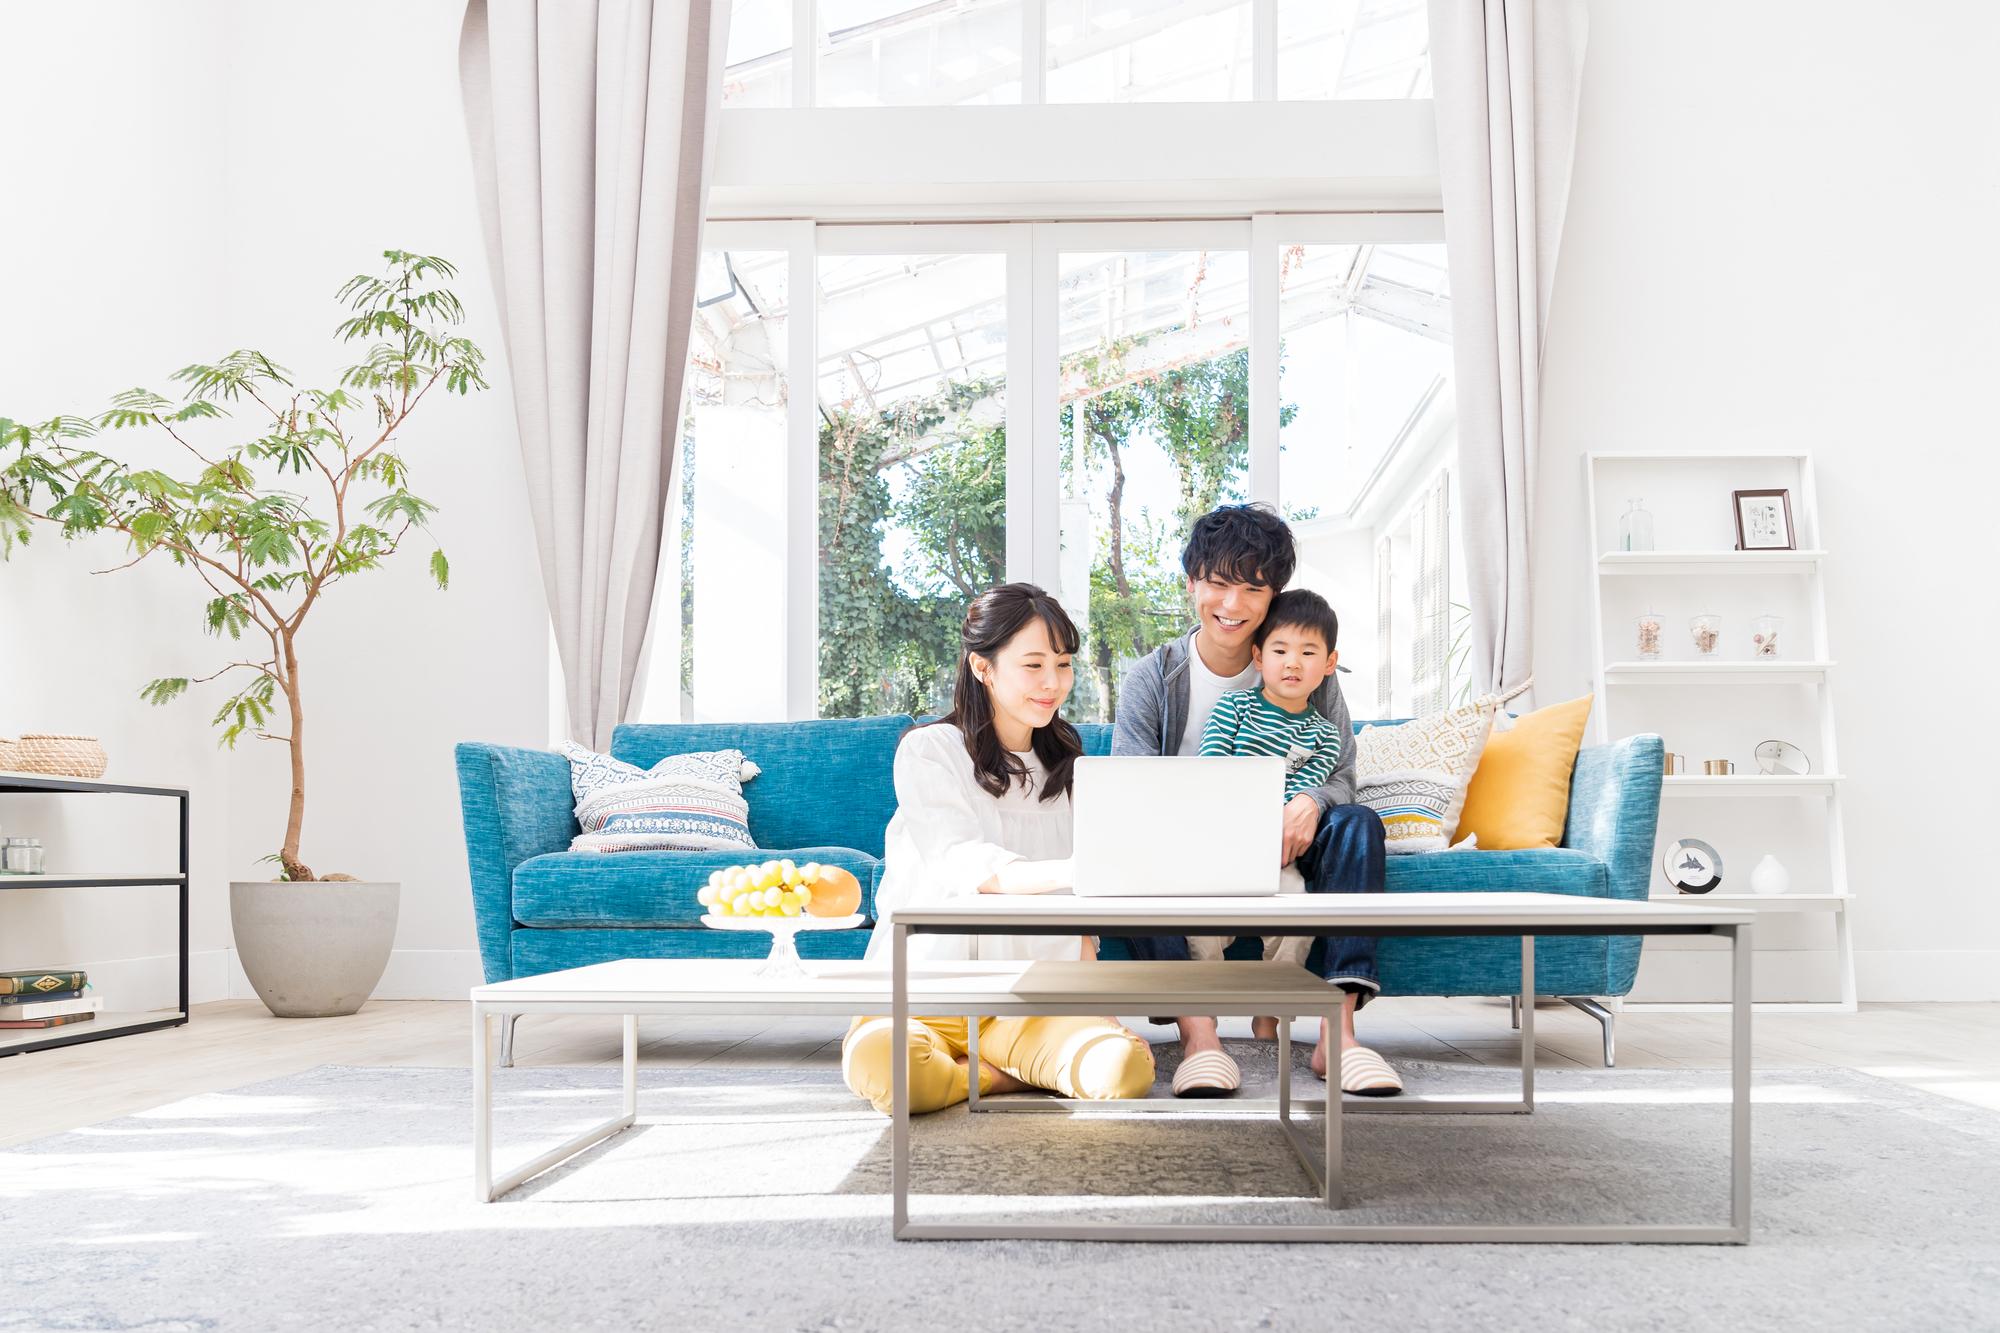 仮住まい【ファミリー向け】短期賃貸を探す方法・ポイント